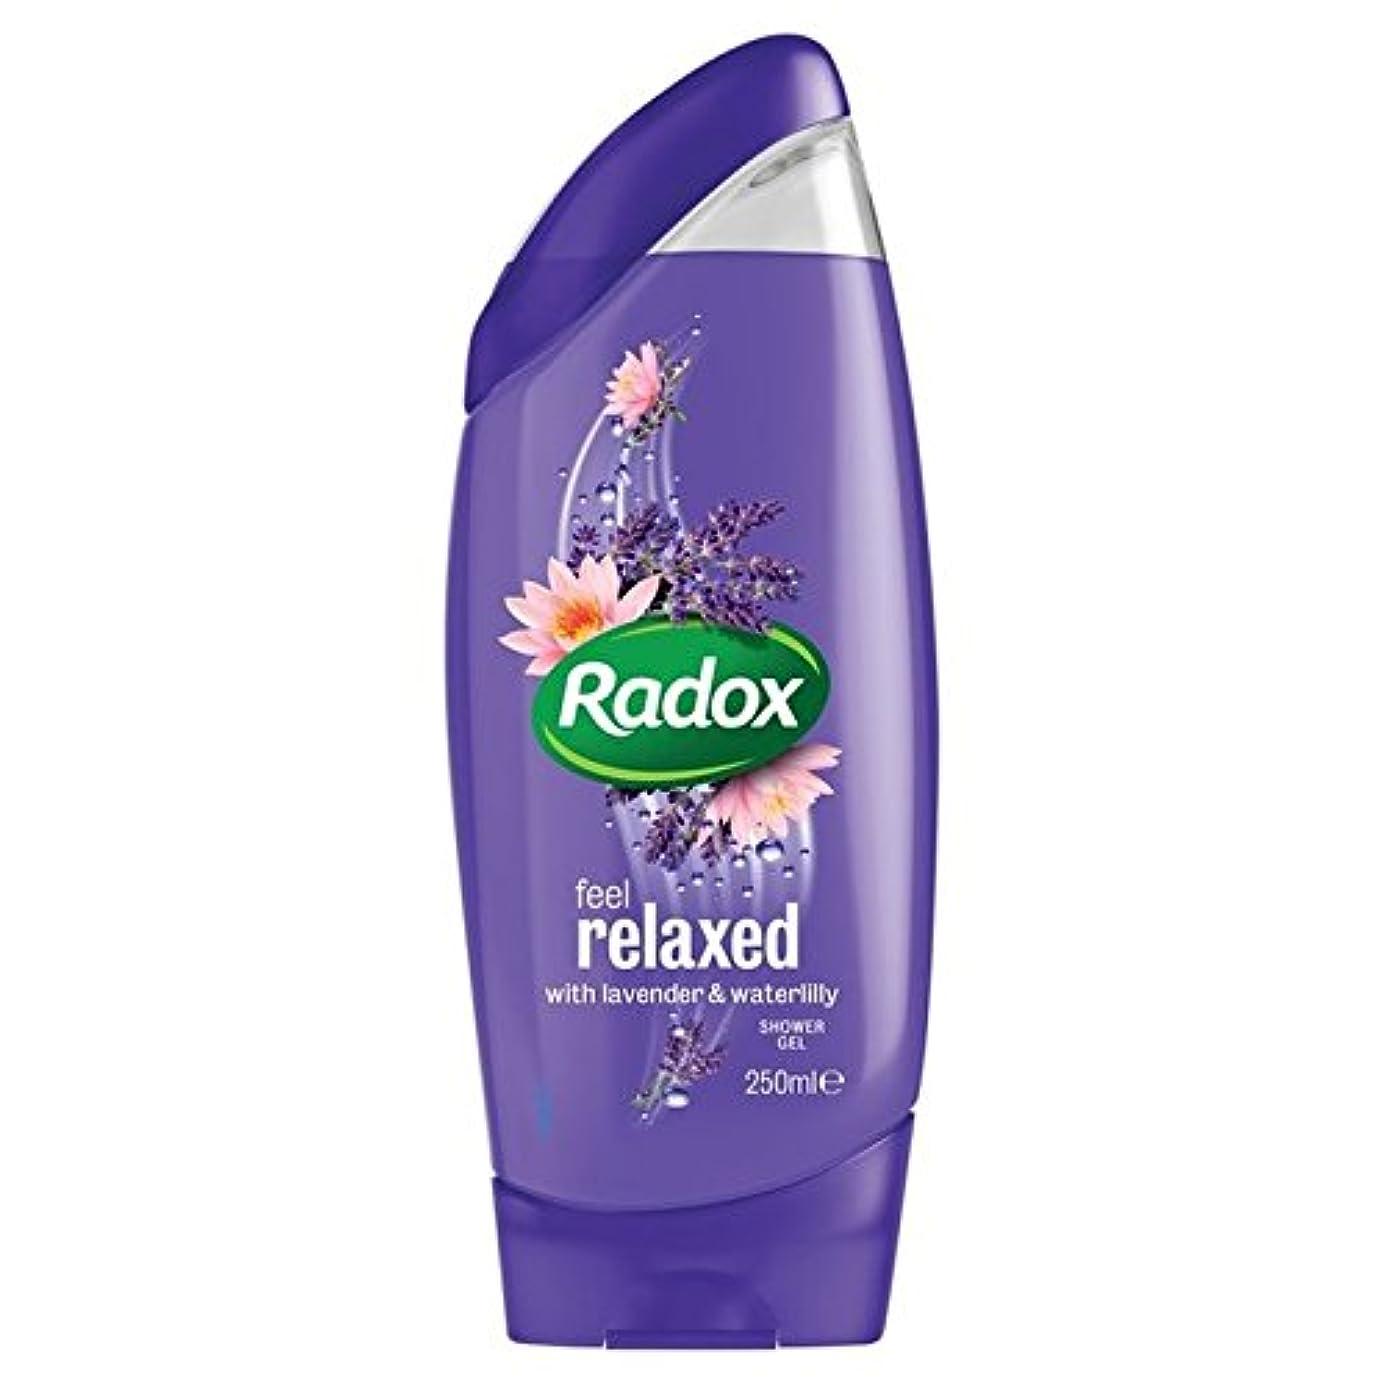 非アクティブ悲鳴今後はリラックスシャワージェル250ミリリットルを感じます x2 - Radox Feel Relaxed Shower Gel 250ml (Pack of 2) [並行輸入品]